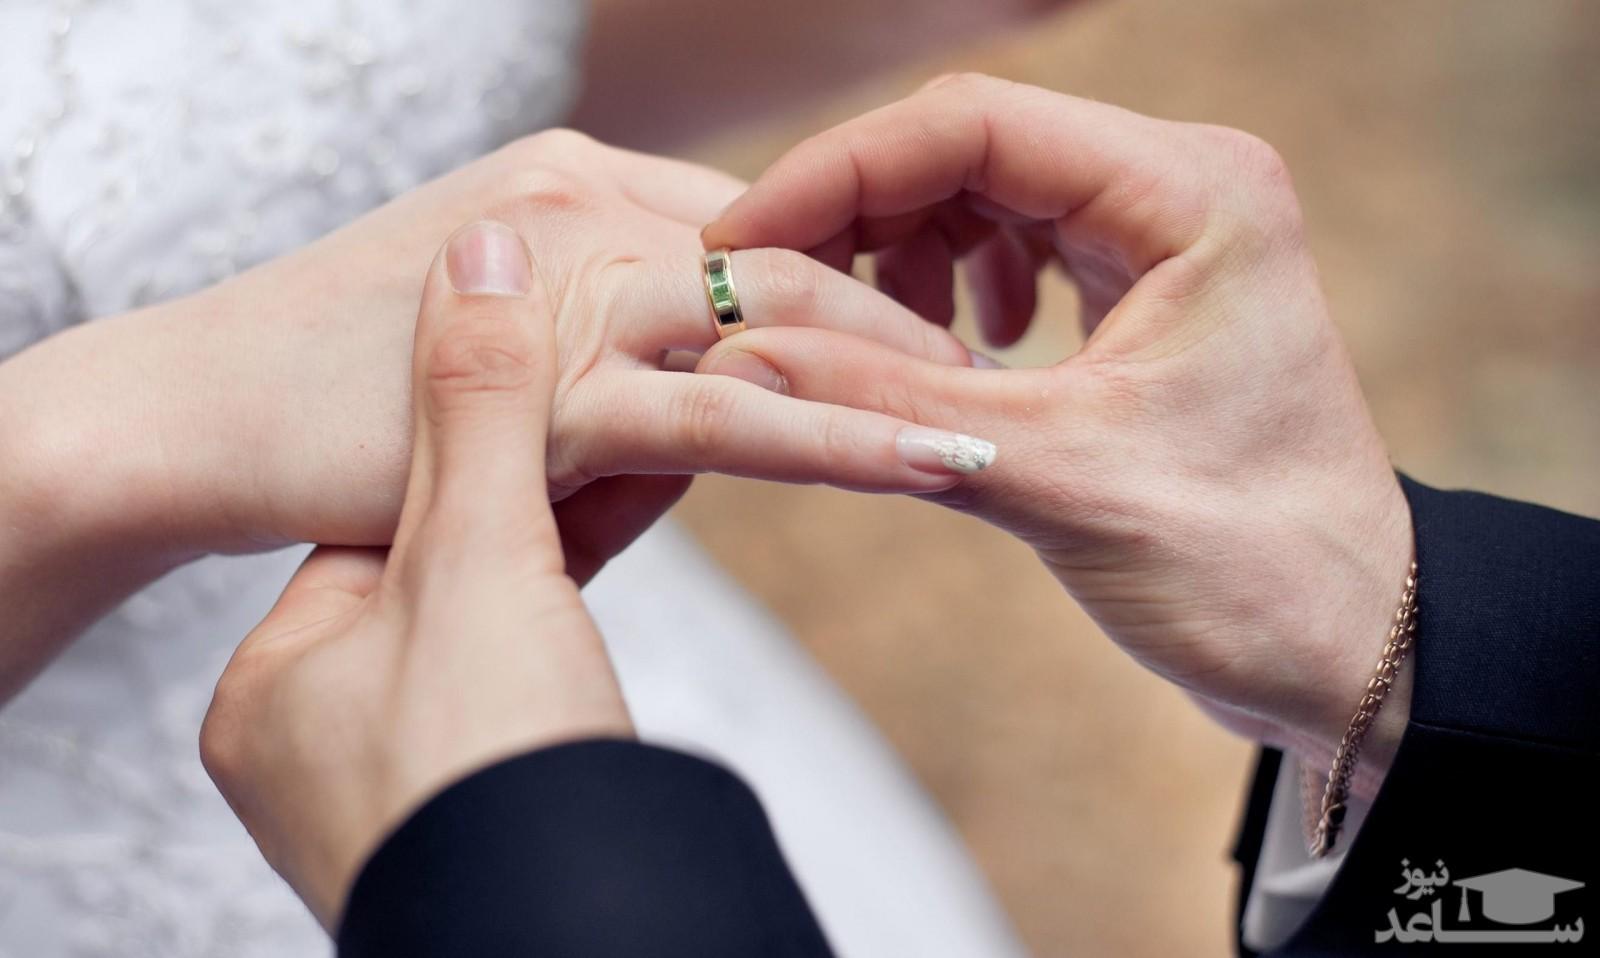 ازدواج عاقلانه و زندگی عاشقانه !